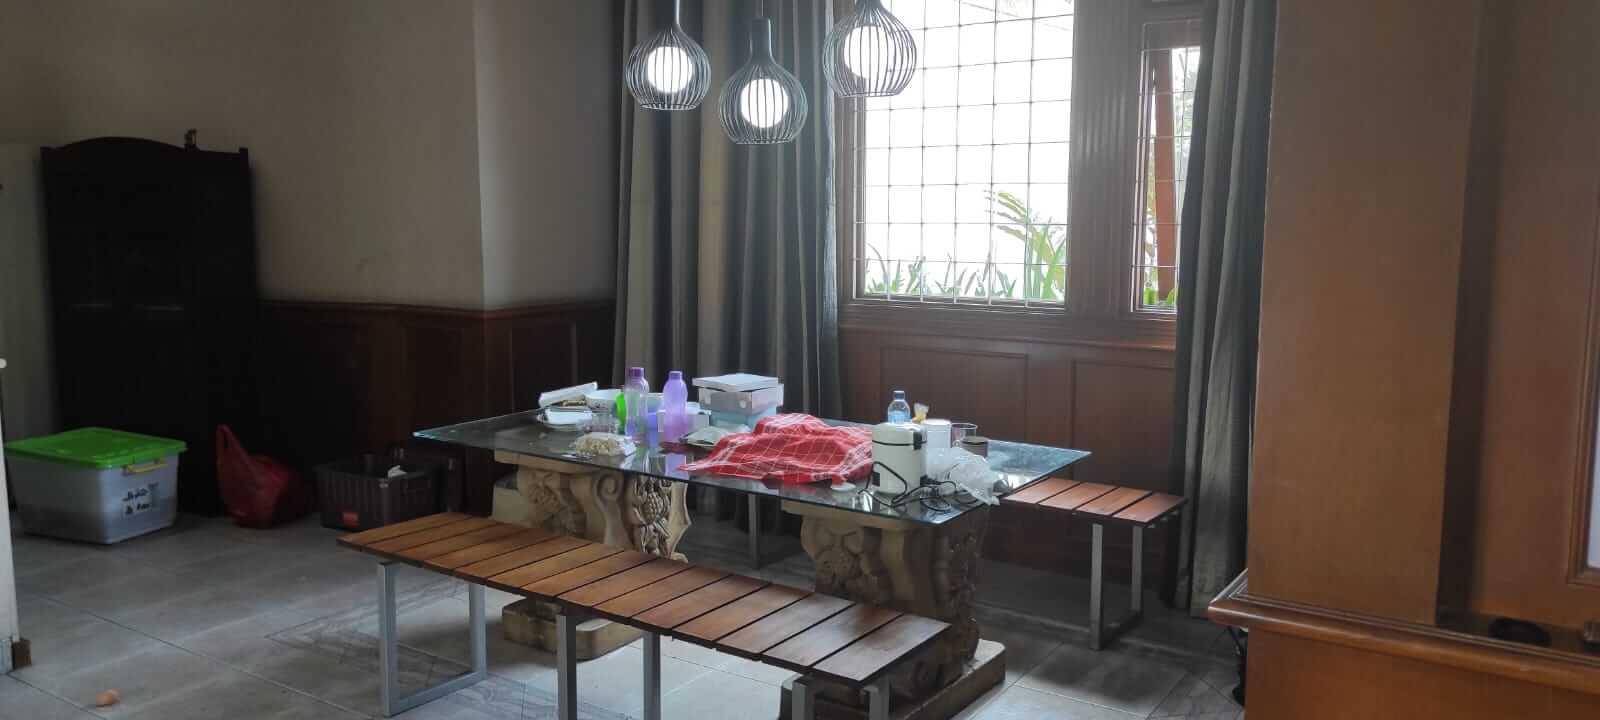 ruang makan villa andaru gerlong bandung